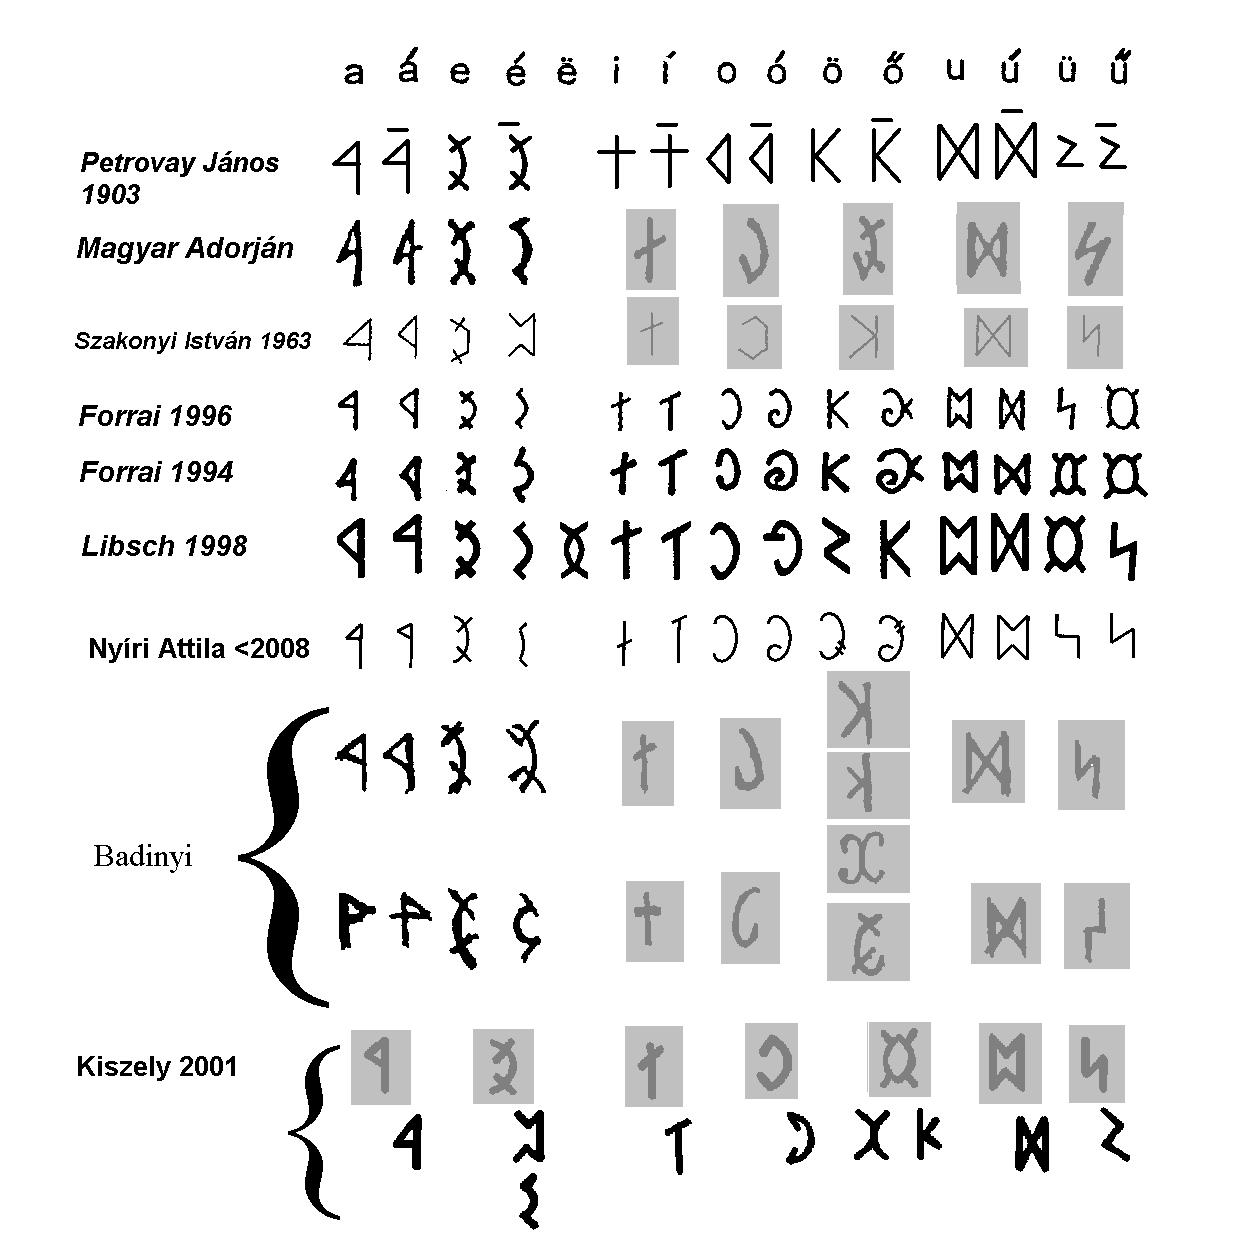 7186cc9ea5 Őshonos magyar írásunk, a rovás eredeti betűit – összesen 34-et